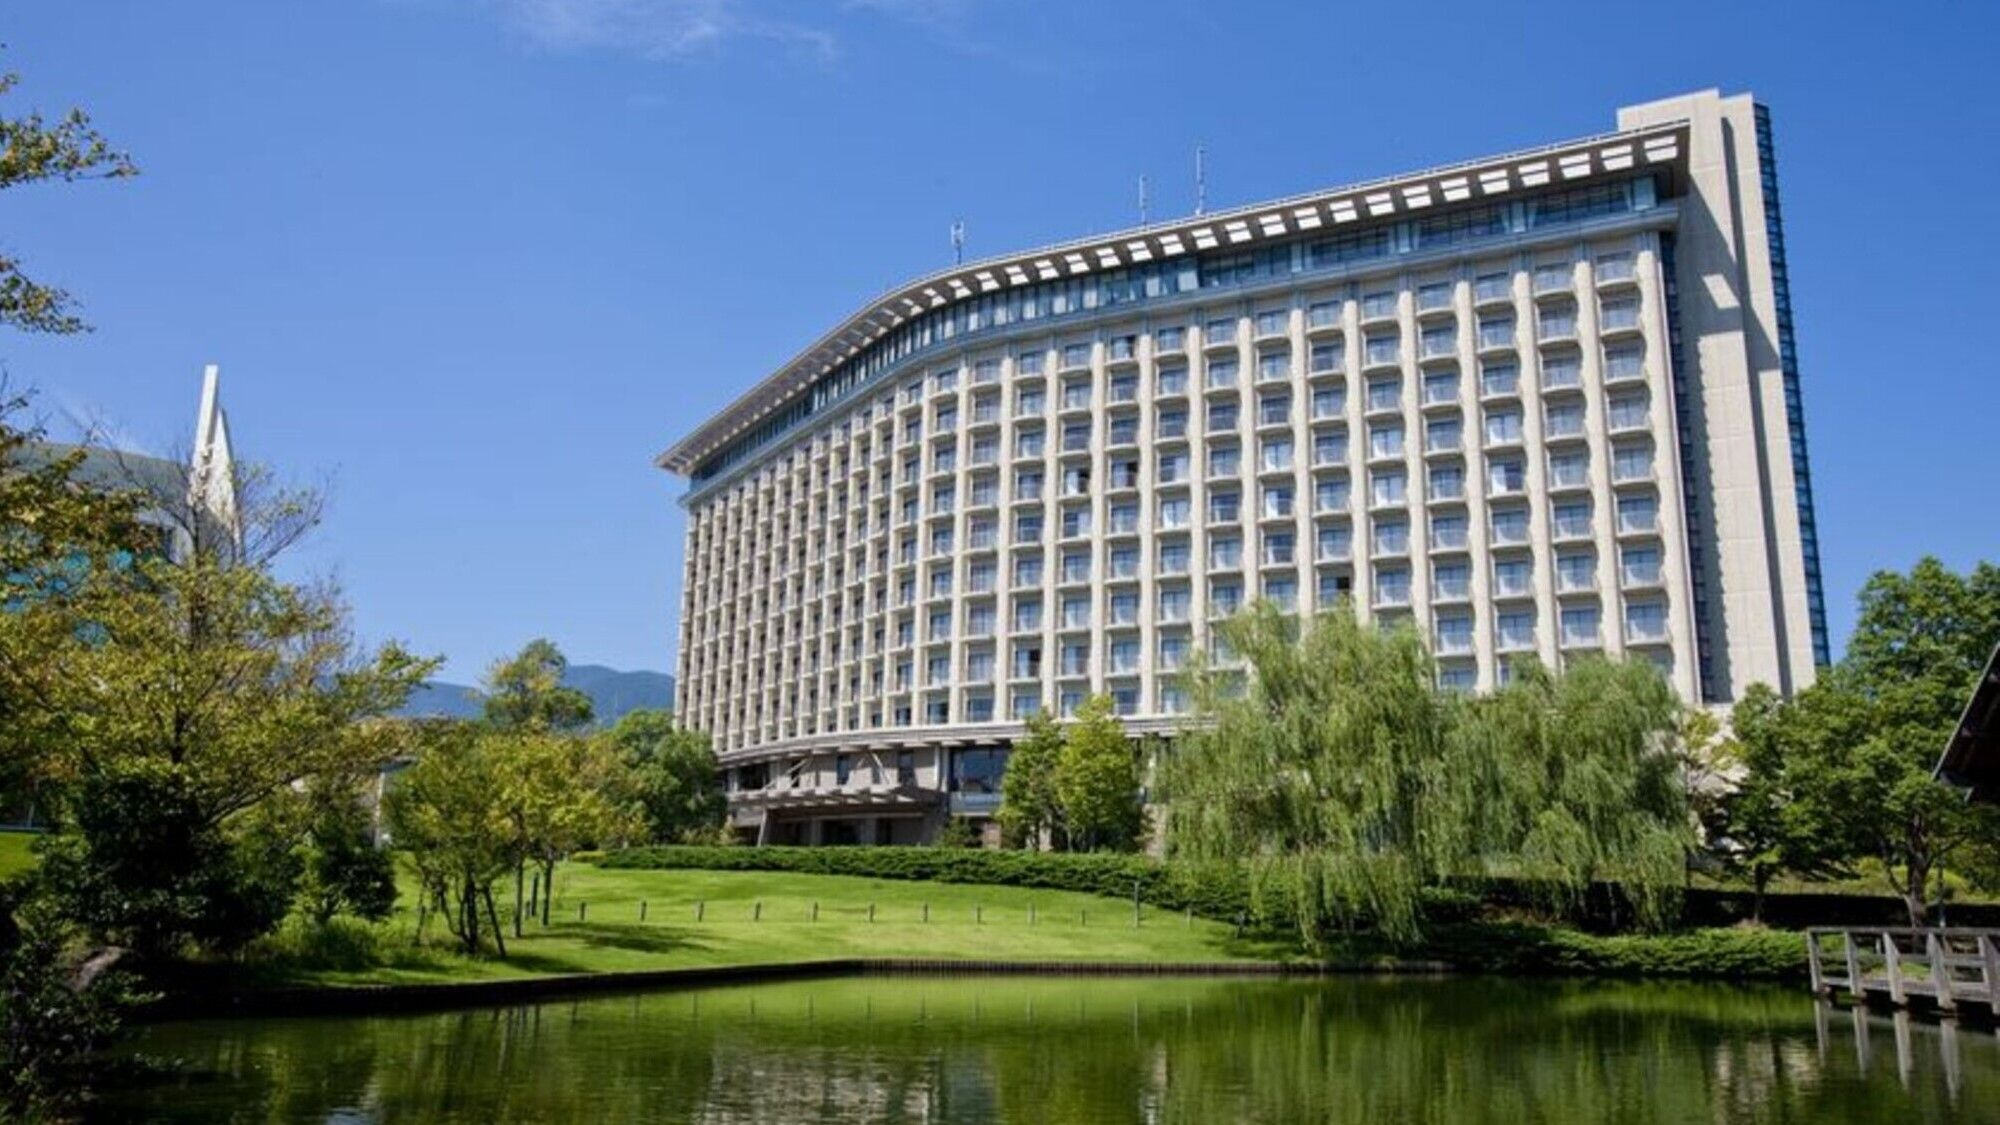 鎌倉周辺で、エステと温泉のあるおすすめのホテルを教えてください!